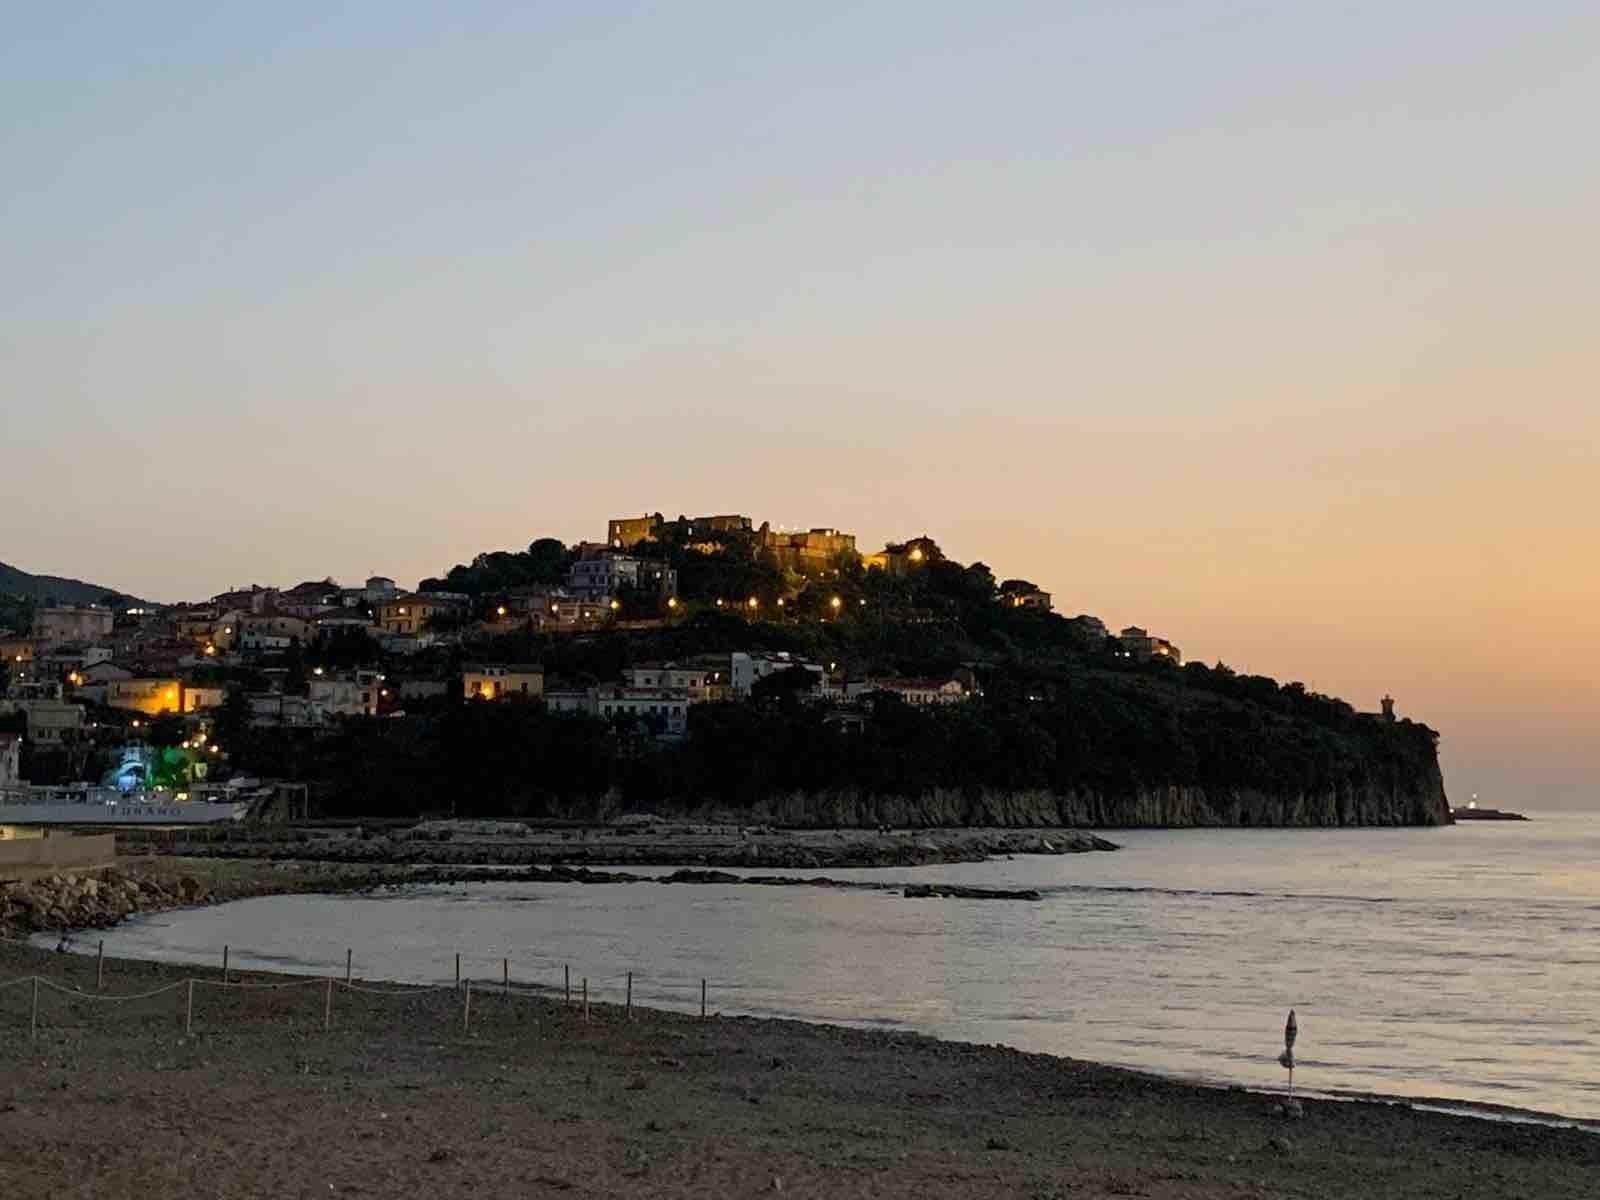 Agropoli vista dal lungomare: il castello a picco sul mare